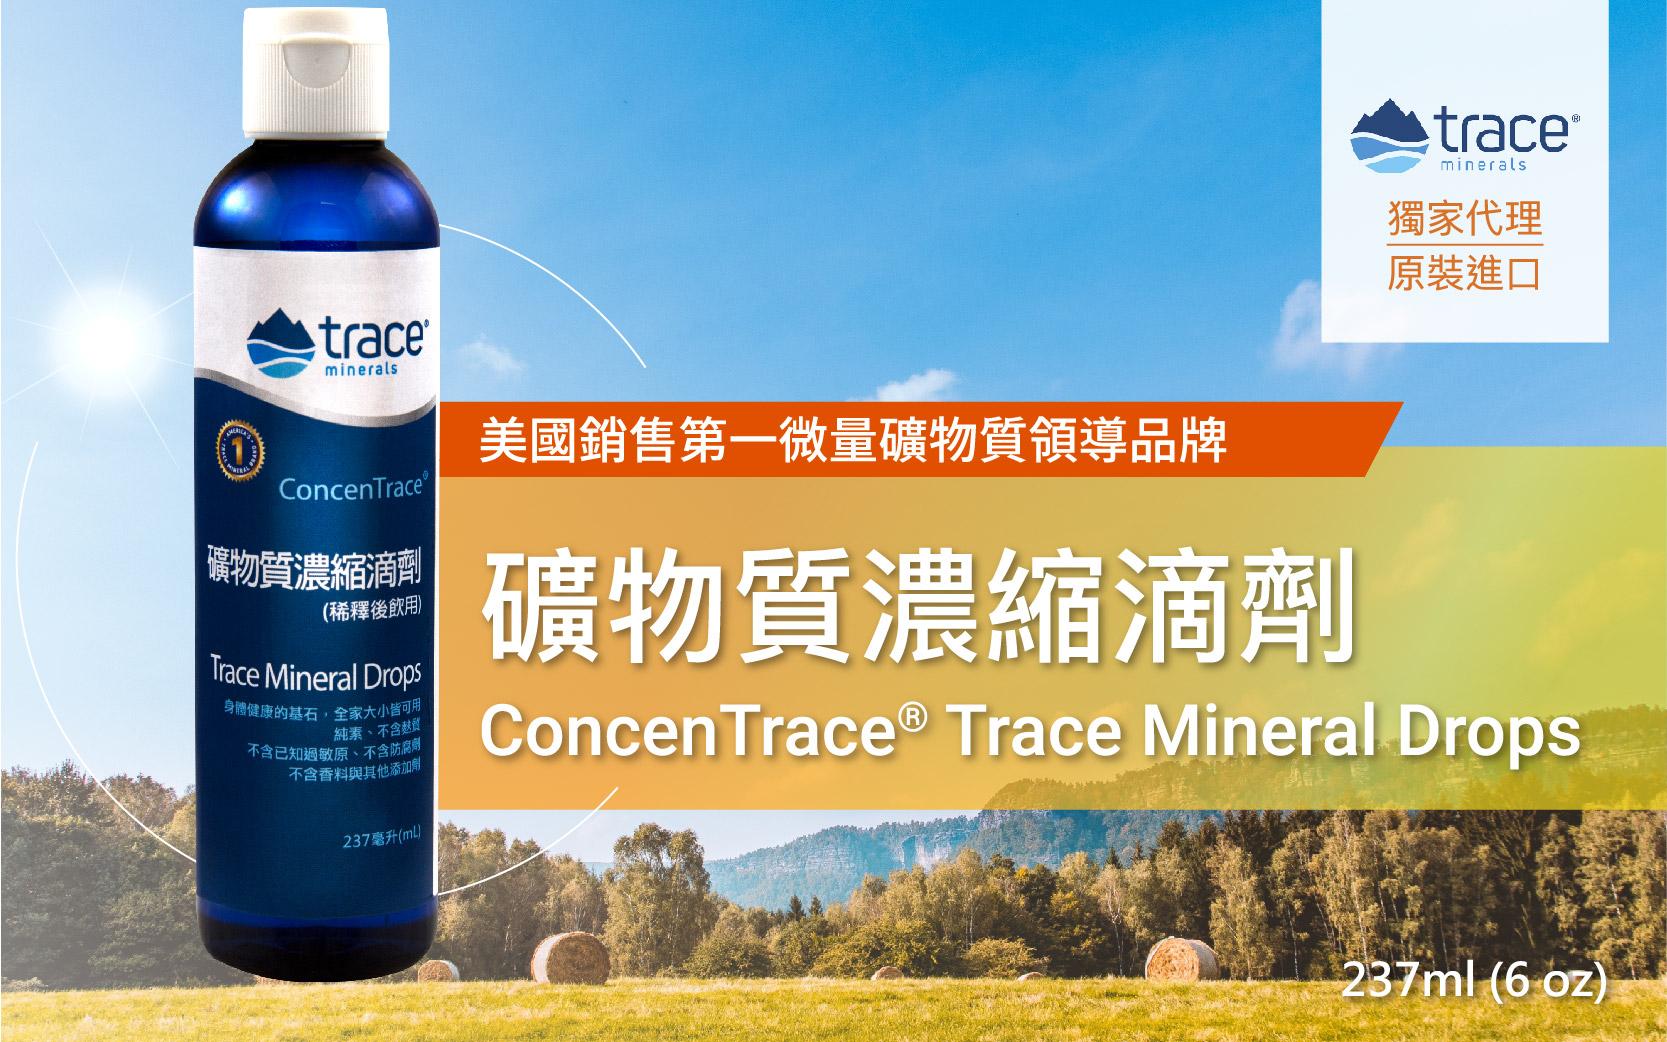 原裝進口,美國銷售第一微量礦物質領導品牌